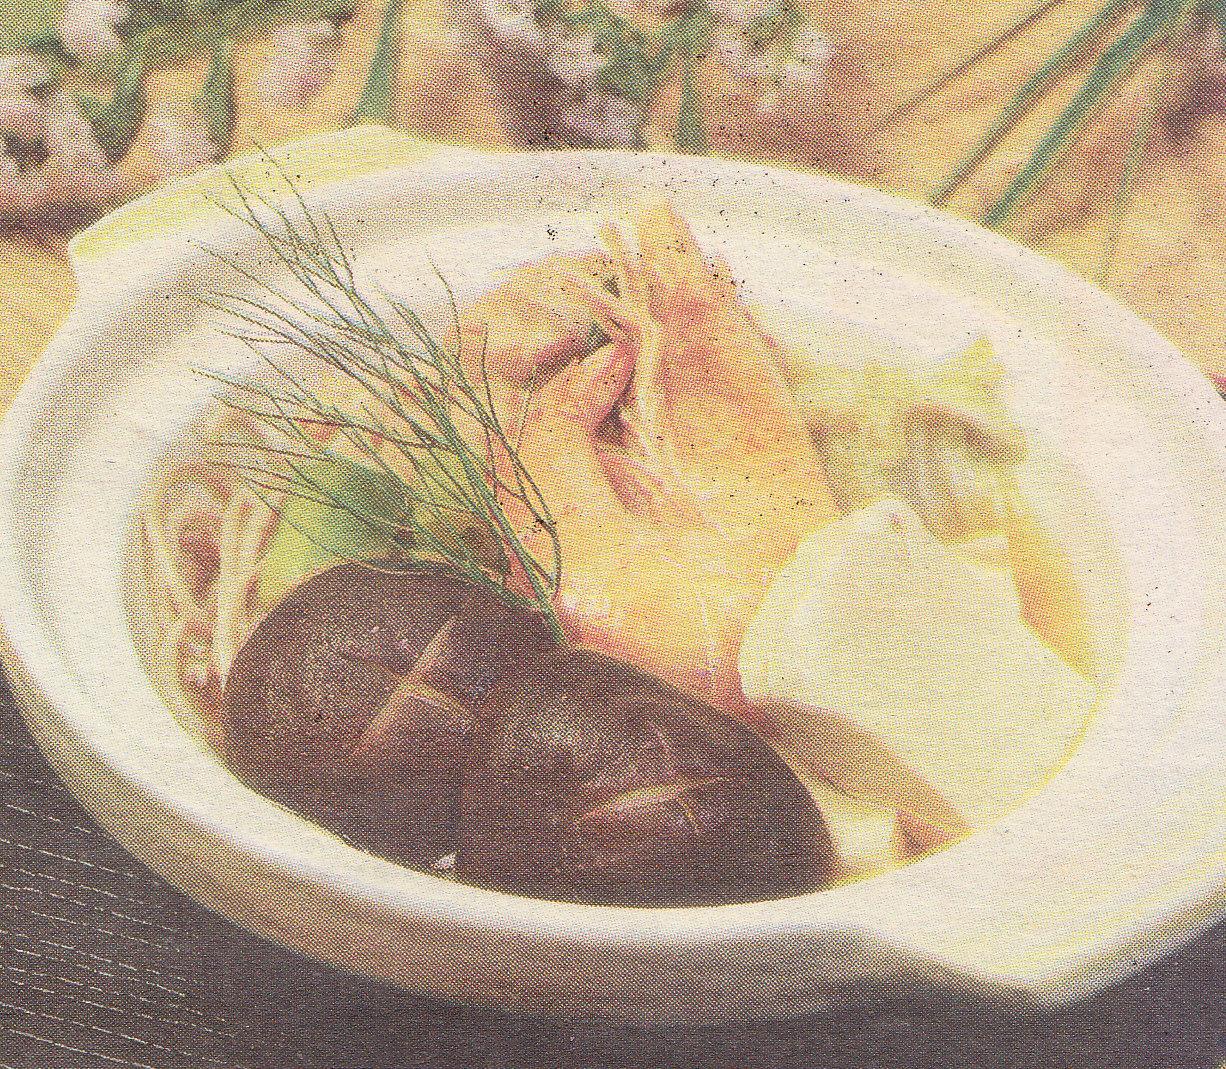 aneka resep dada ayam mudahnya Resepi Roti Telur Kentang Enak dan Mudah